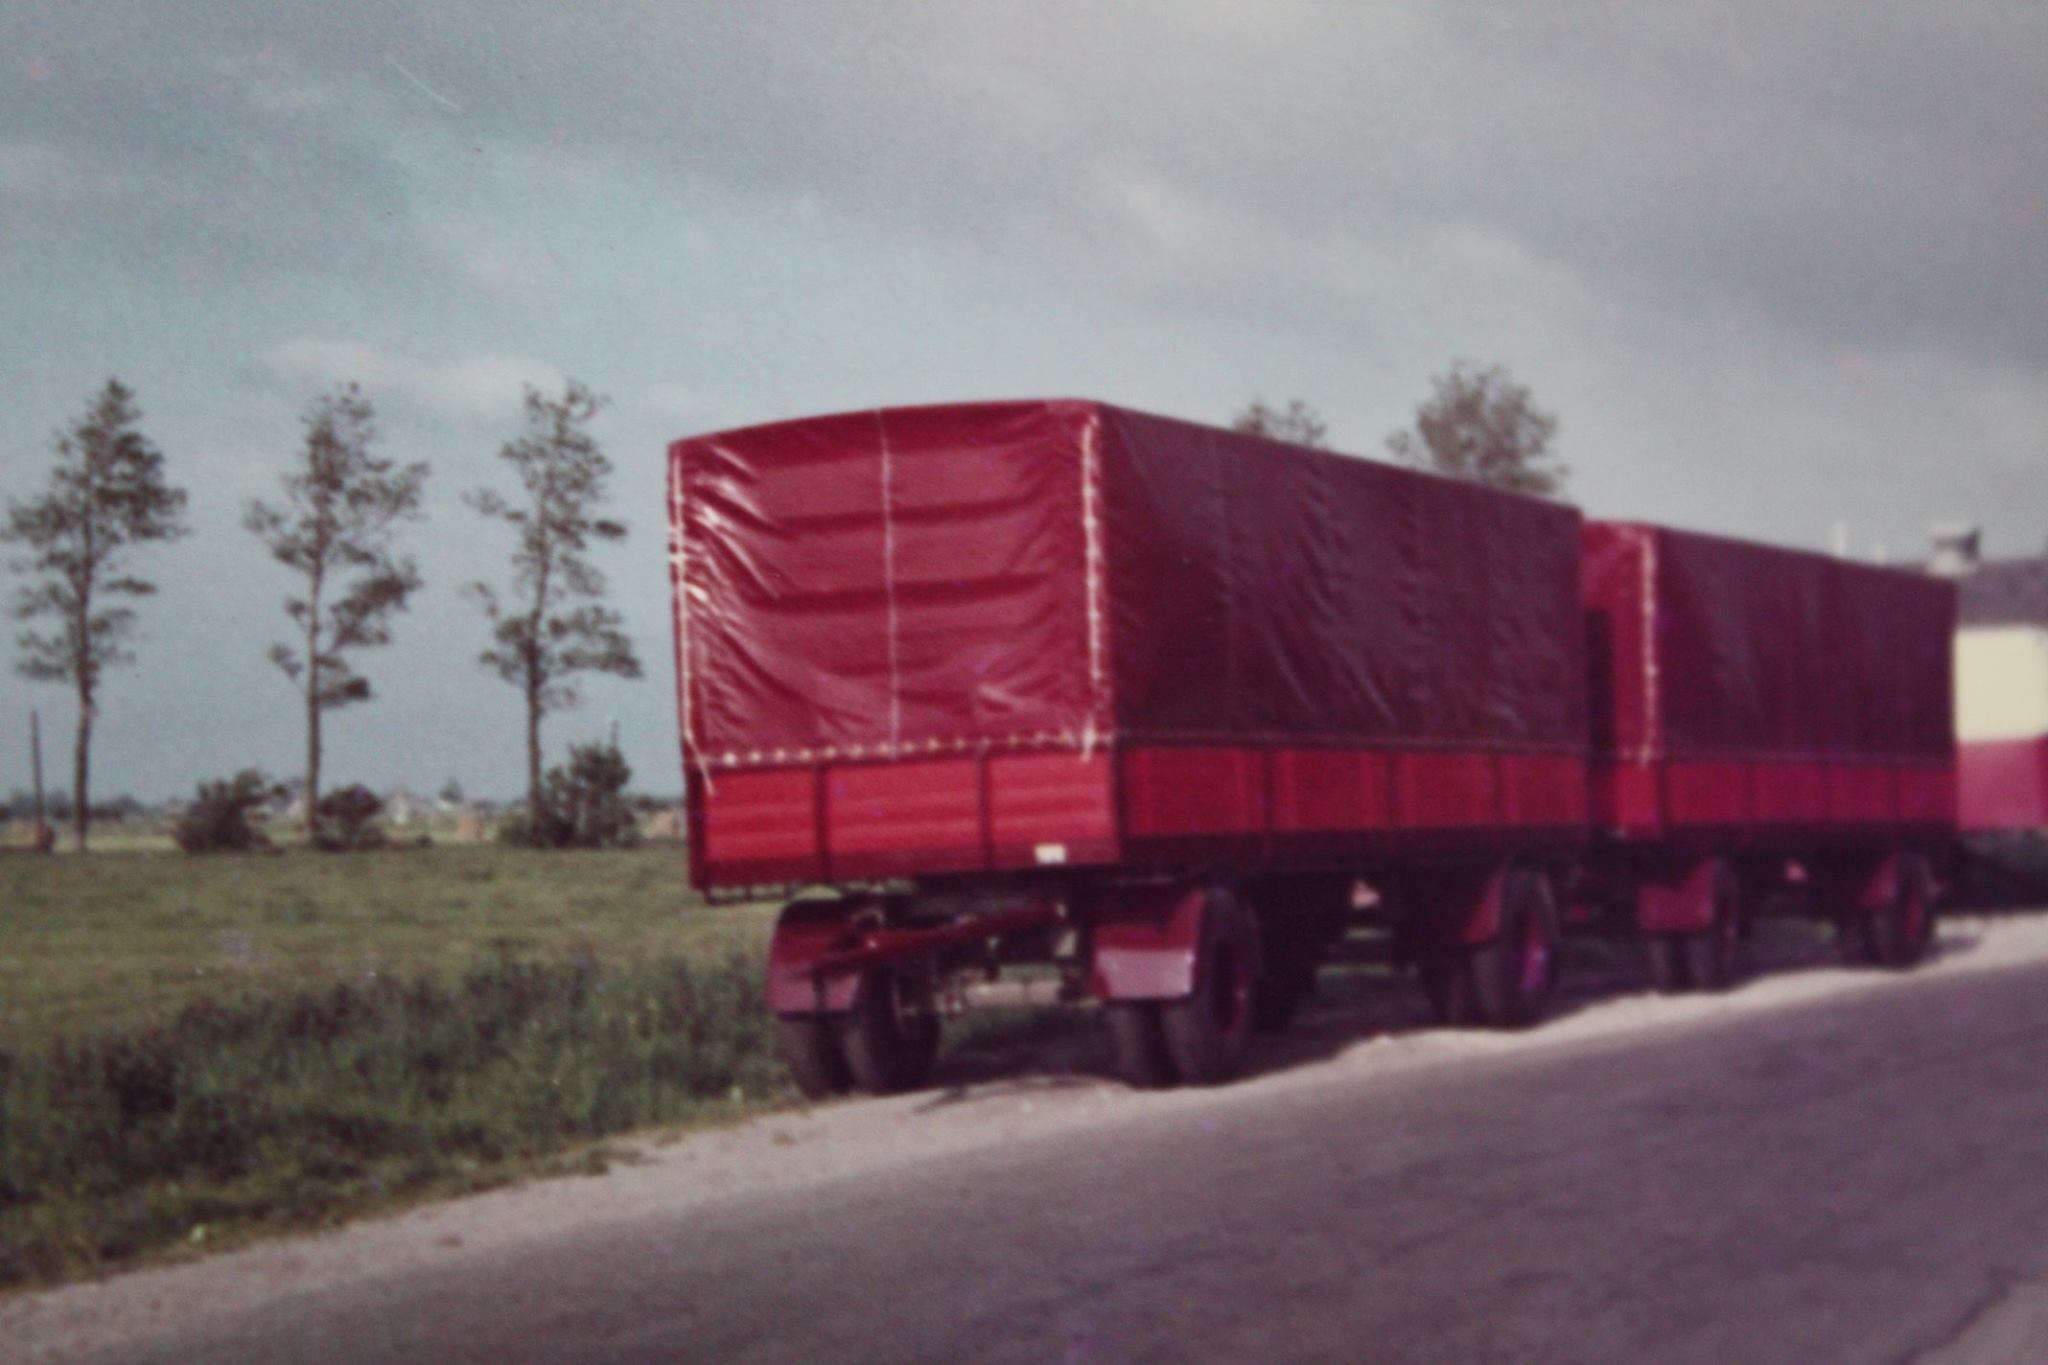 2-RAF-aanhangwagens-met-huif-door-Rondaan-in-Beetgum-gebouwd-voor-Althuisius-uit-Tzummarum-en-Franeker